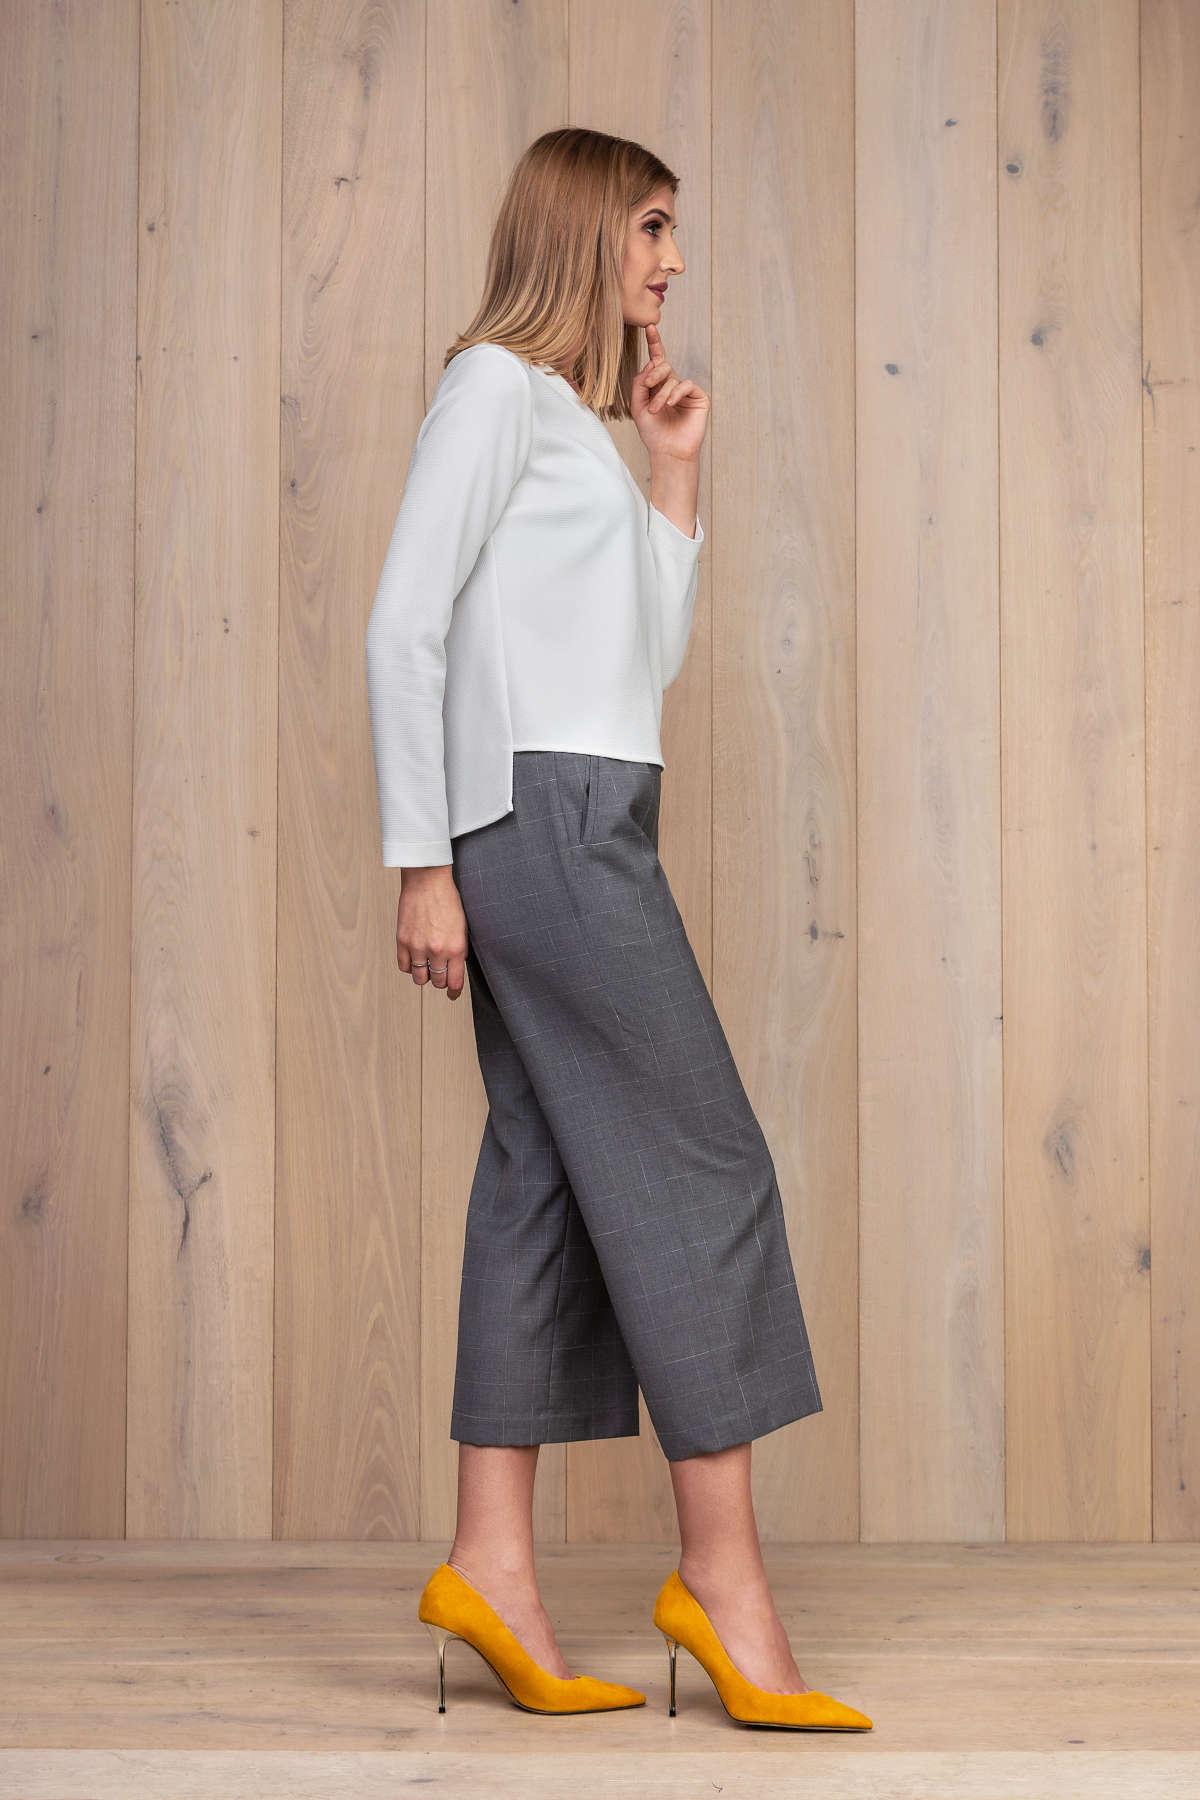 Pilkos kelnės su palaidine ilgomis rankovėmis - Tauri Look